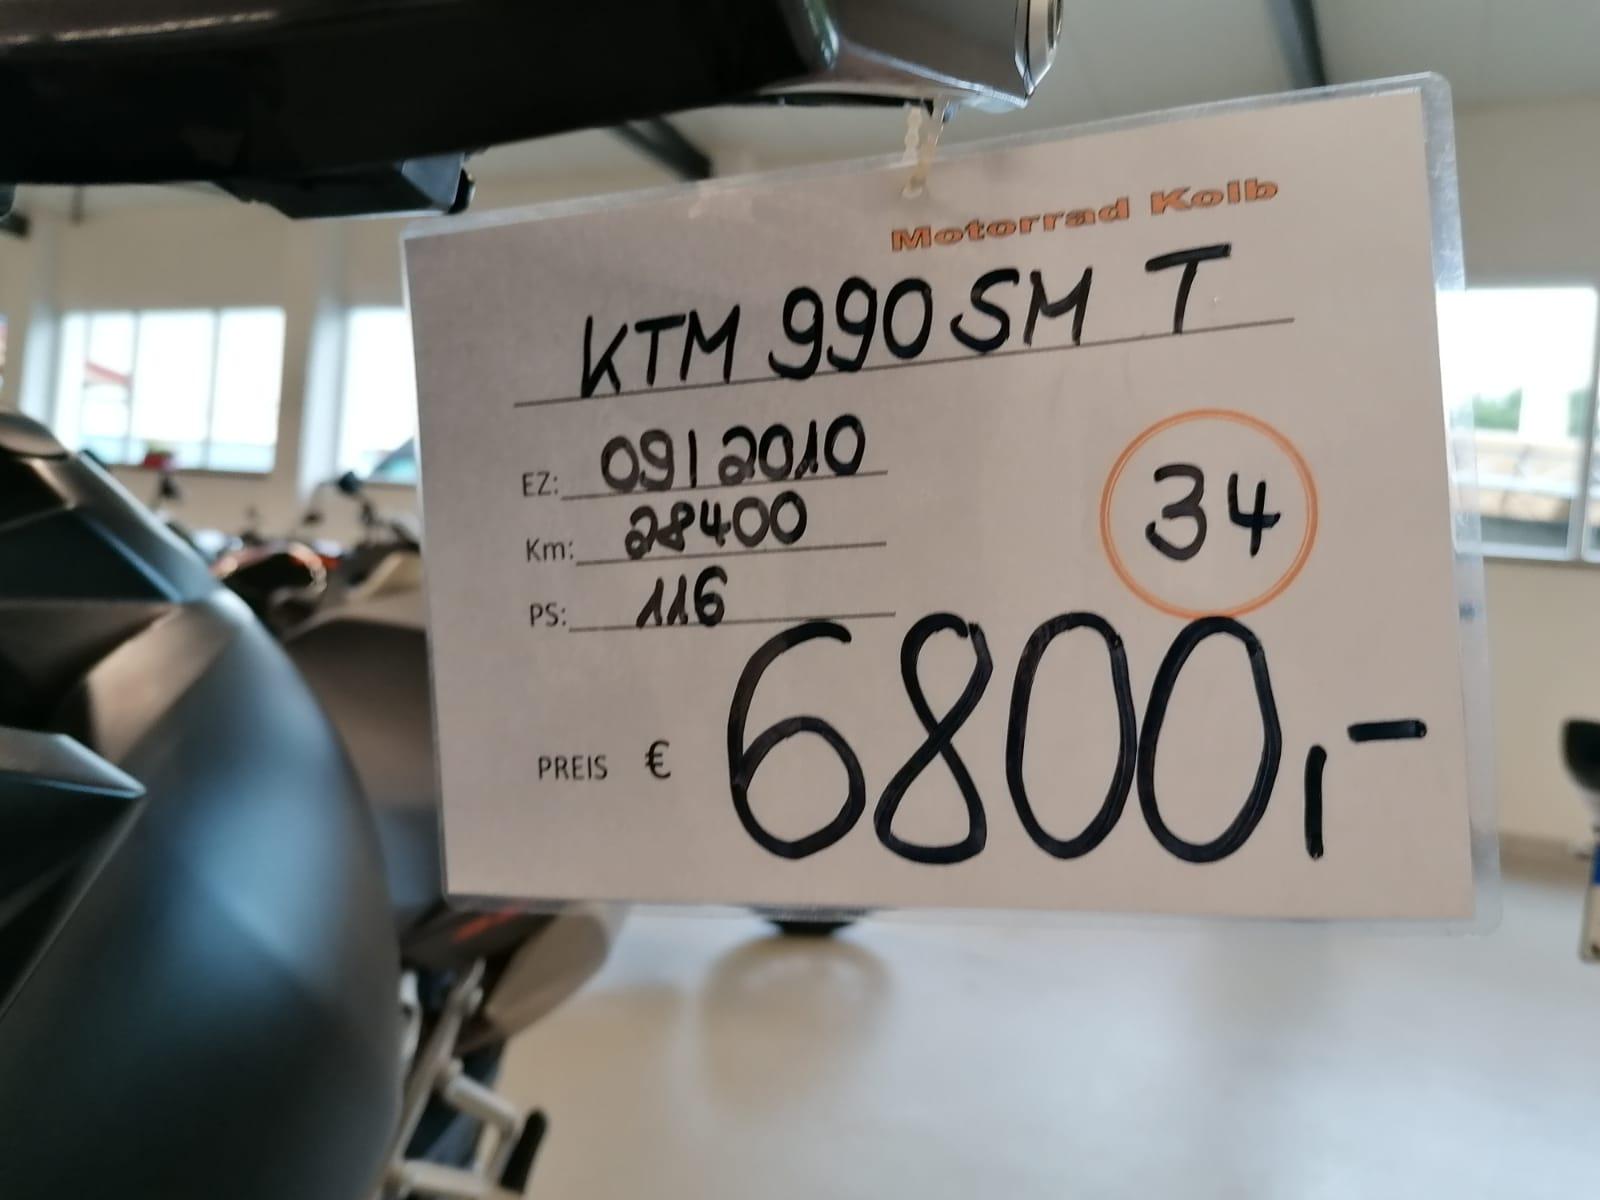 IMG-20210623-WA0000.jpg